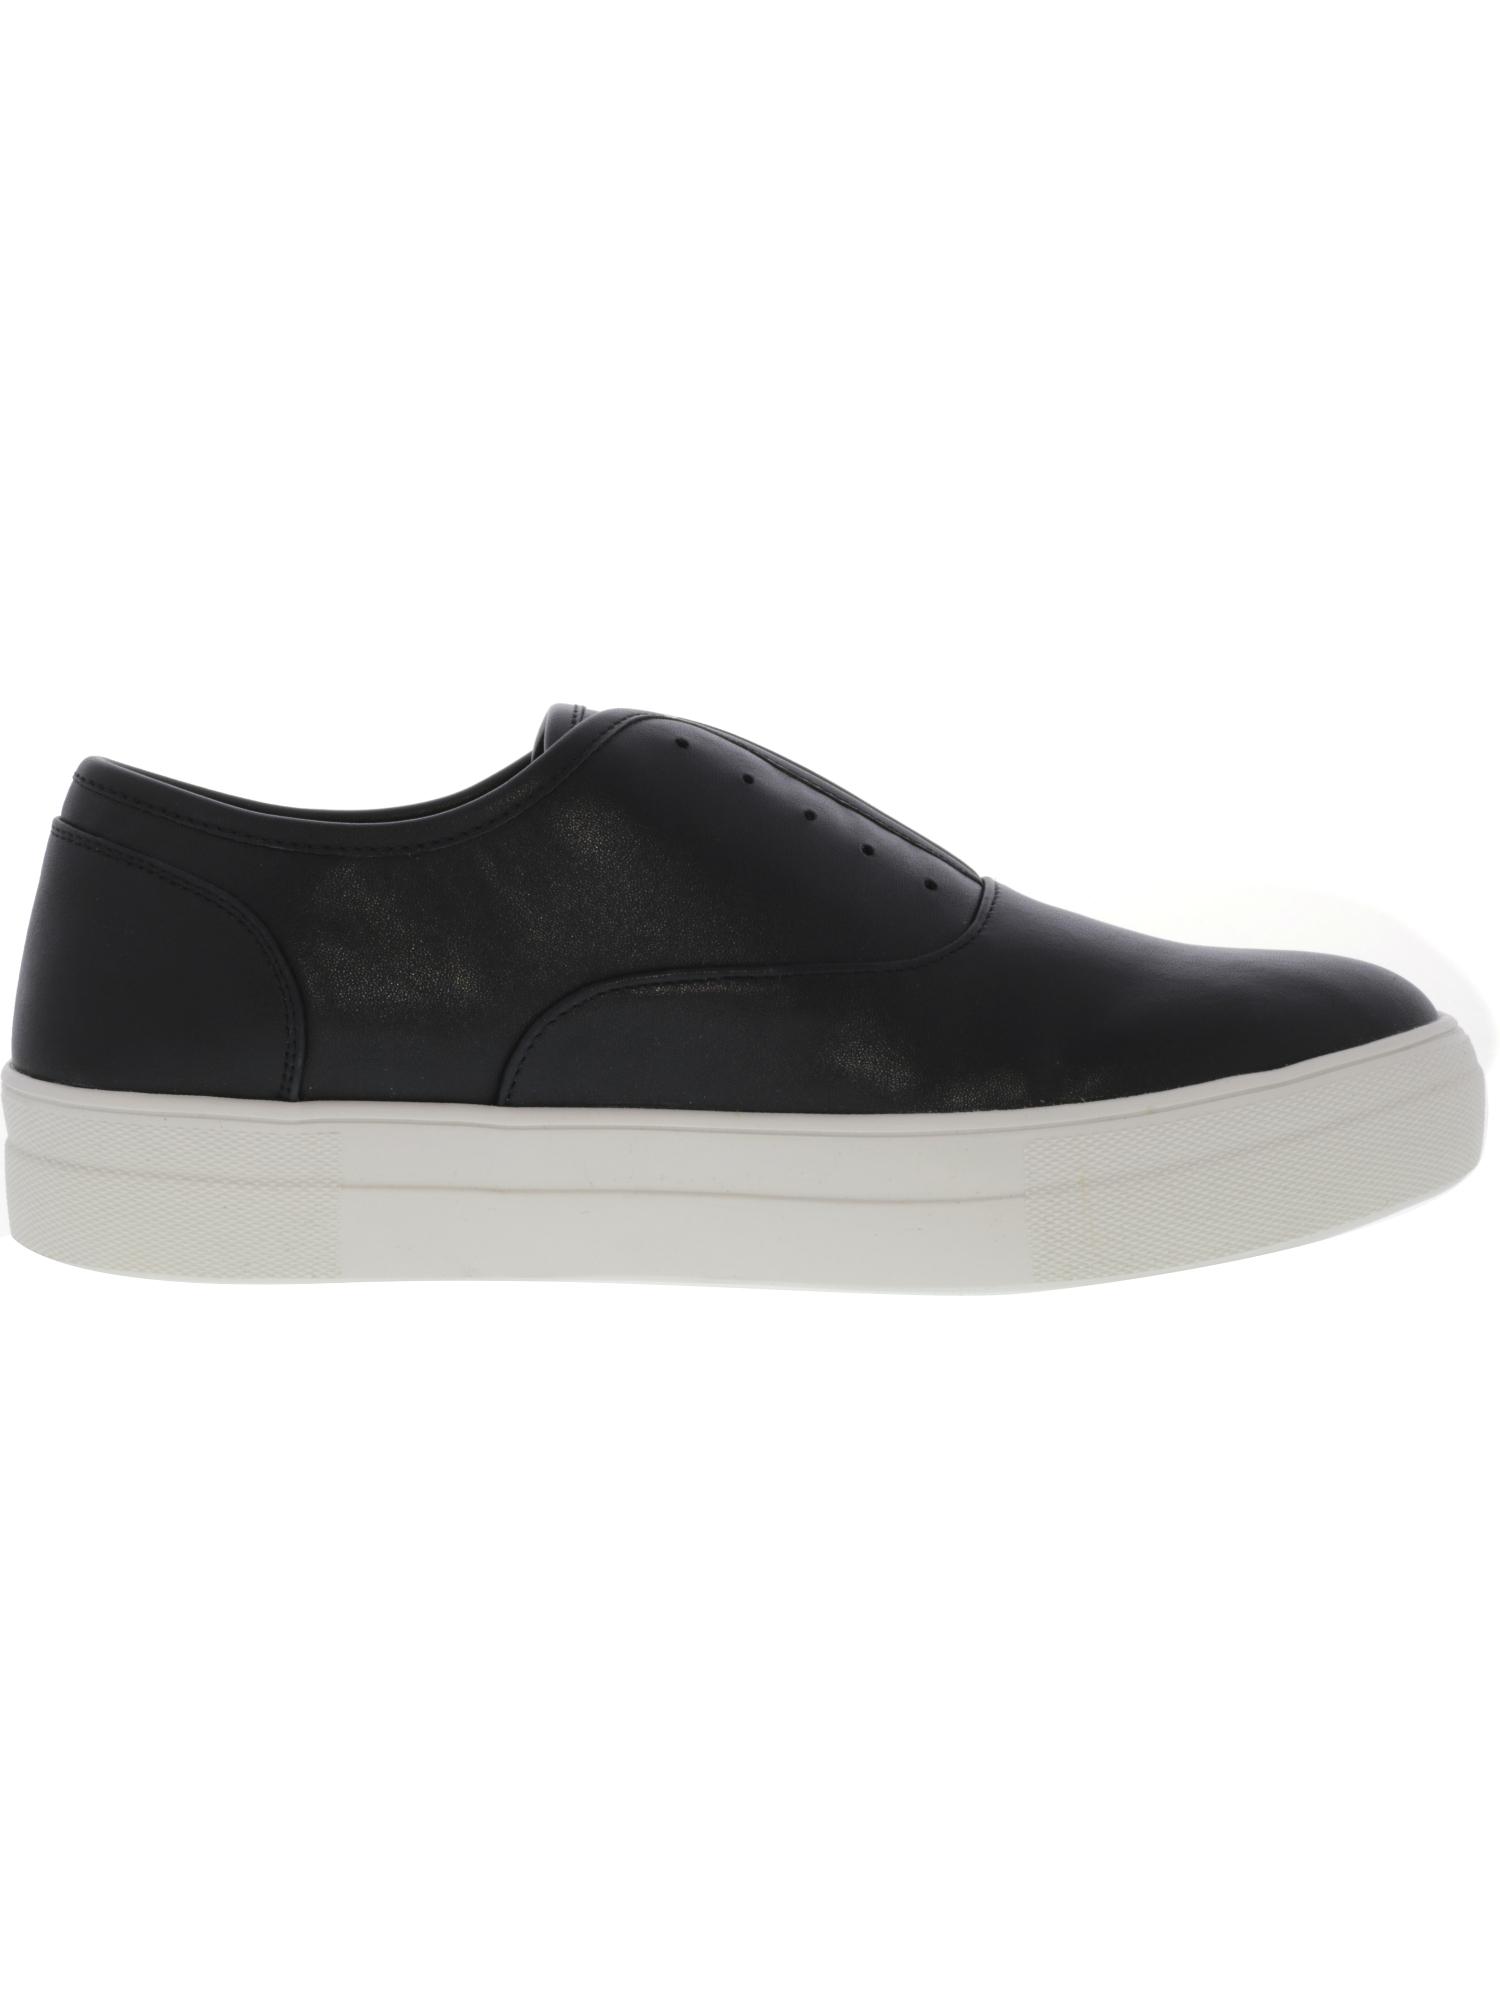 Steve-Madden-Women-039-s-Passive-Ankle-High-Slip-On-Shoes thumbnail 5